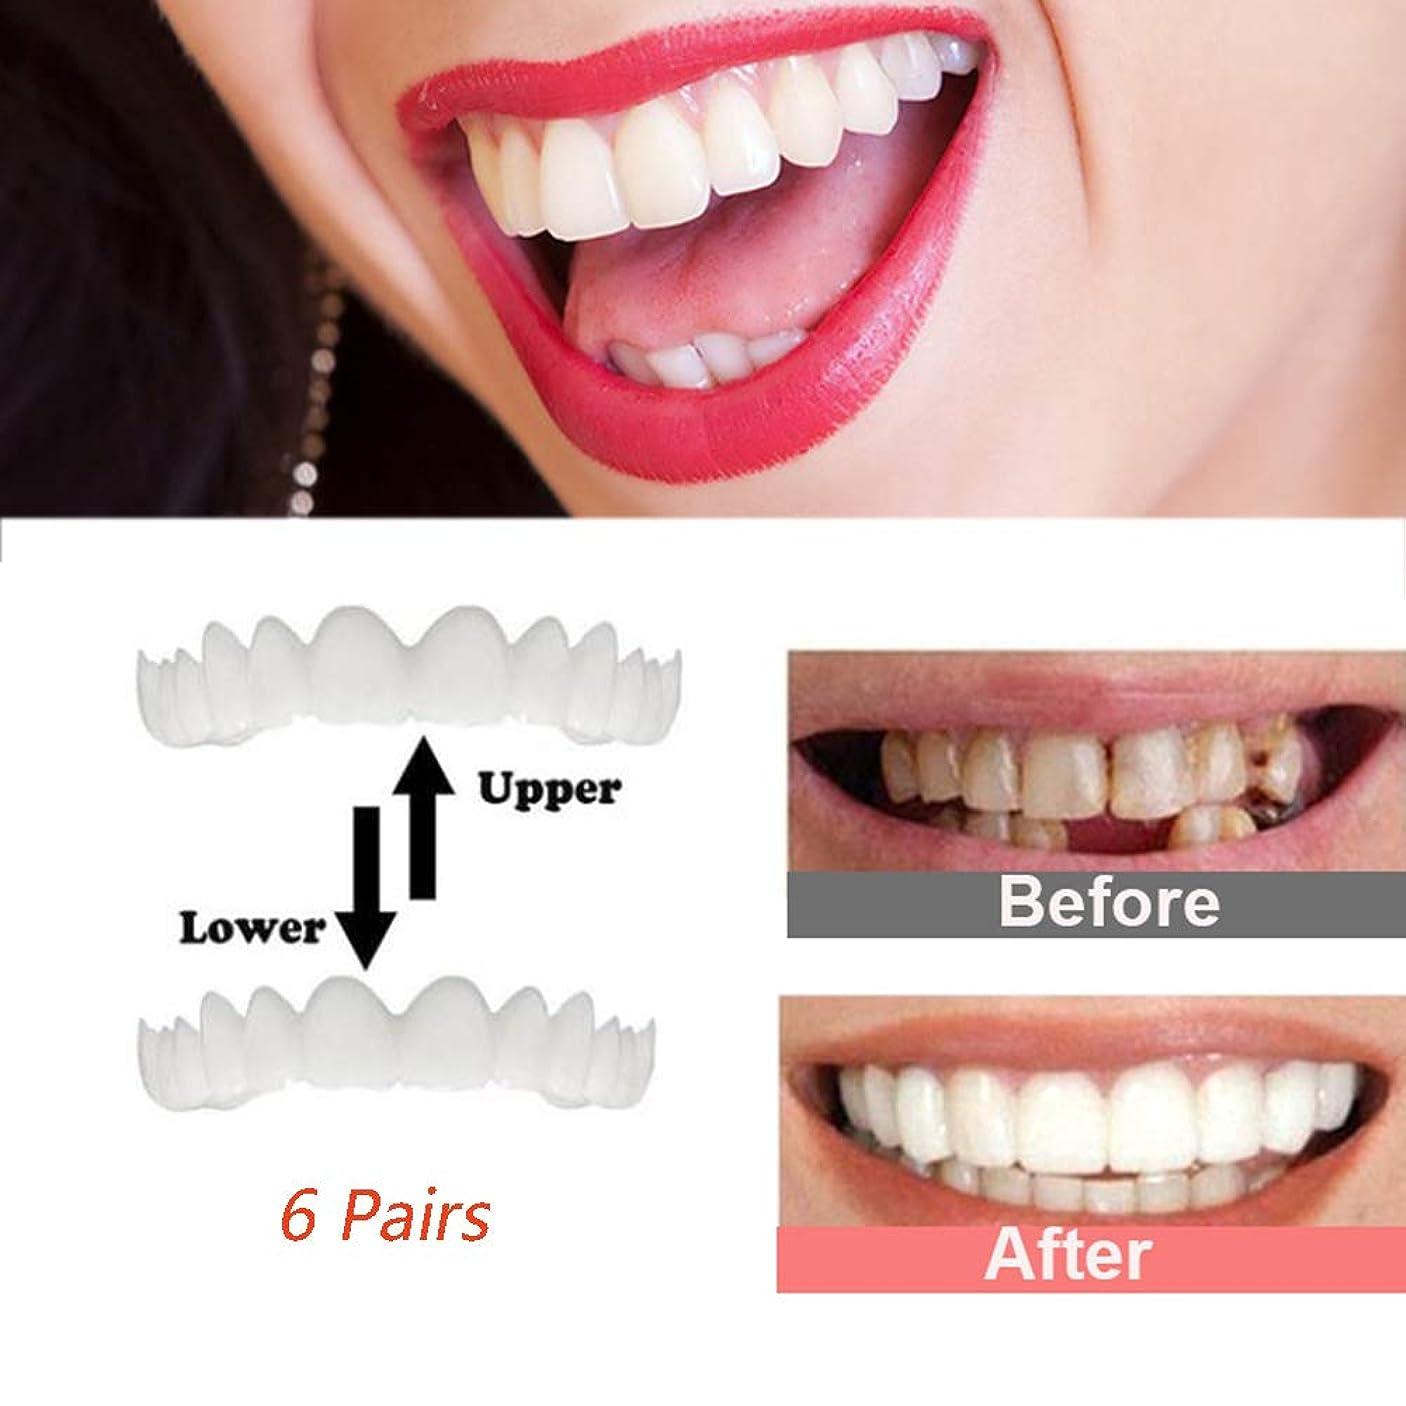 降下シールドベギンインスタント笑顔の歯、6組の一時的な化粧品の歯のベニヤ歯の上部と下部の化粧品のベニヤ変装のためのワンサイズ曲がったステンドグラスの欠けている歯